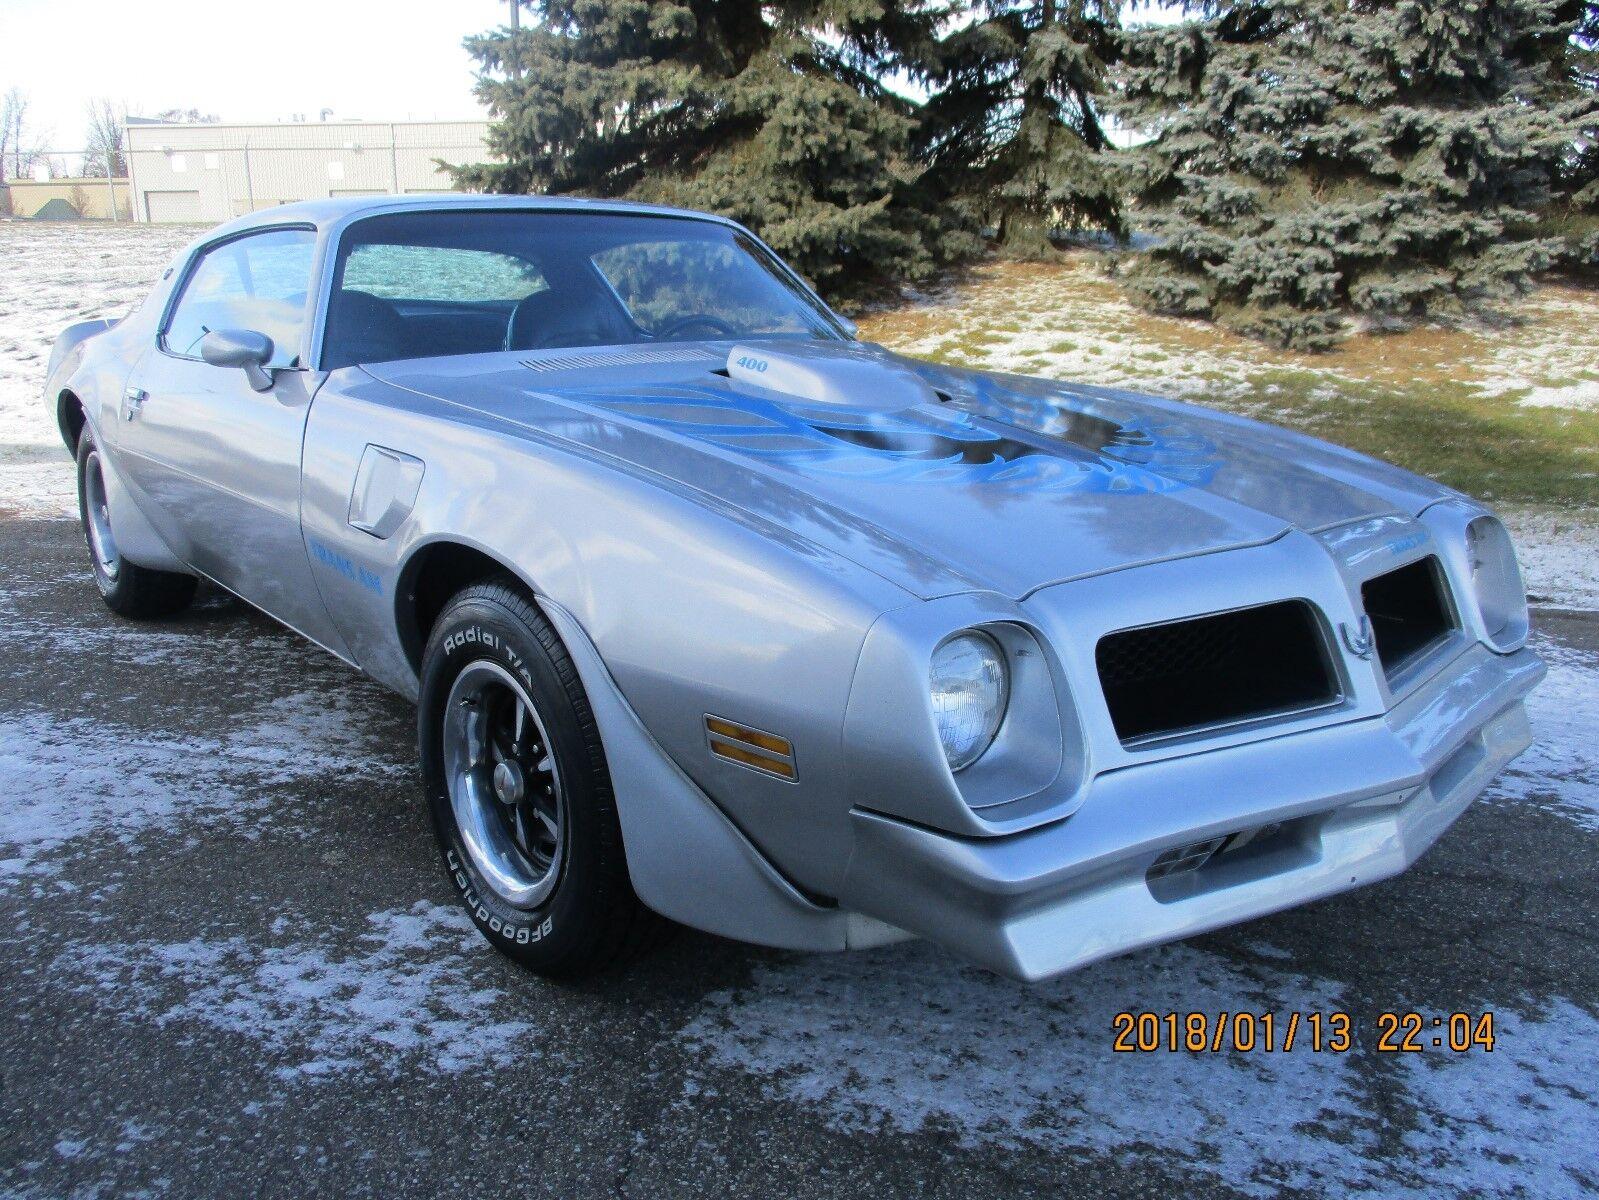 1976 Pontiac Trans Am Trans Am weet 1976 Pontiac Trans Am Fresh built 400 motor runs perfect sounds great 4spd